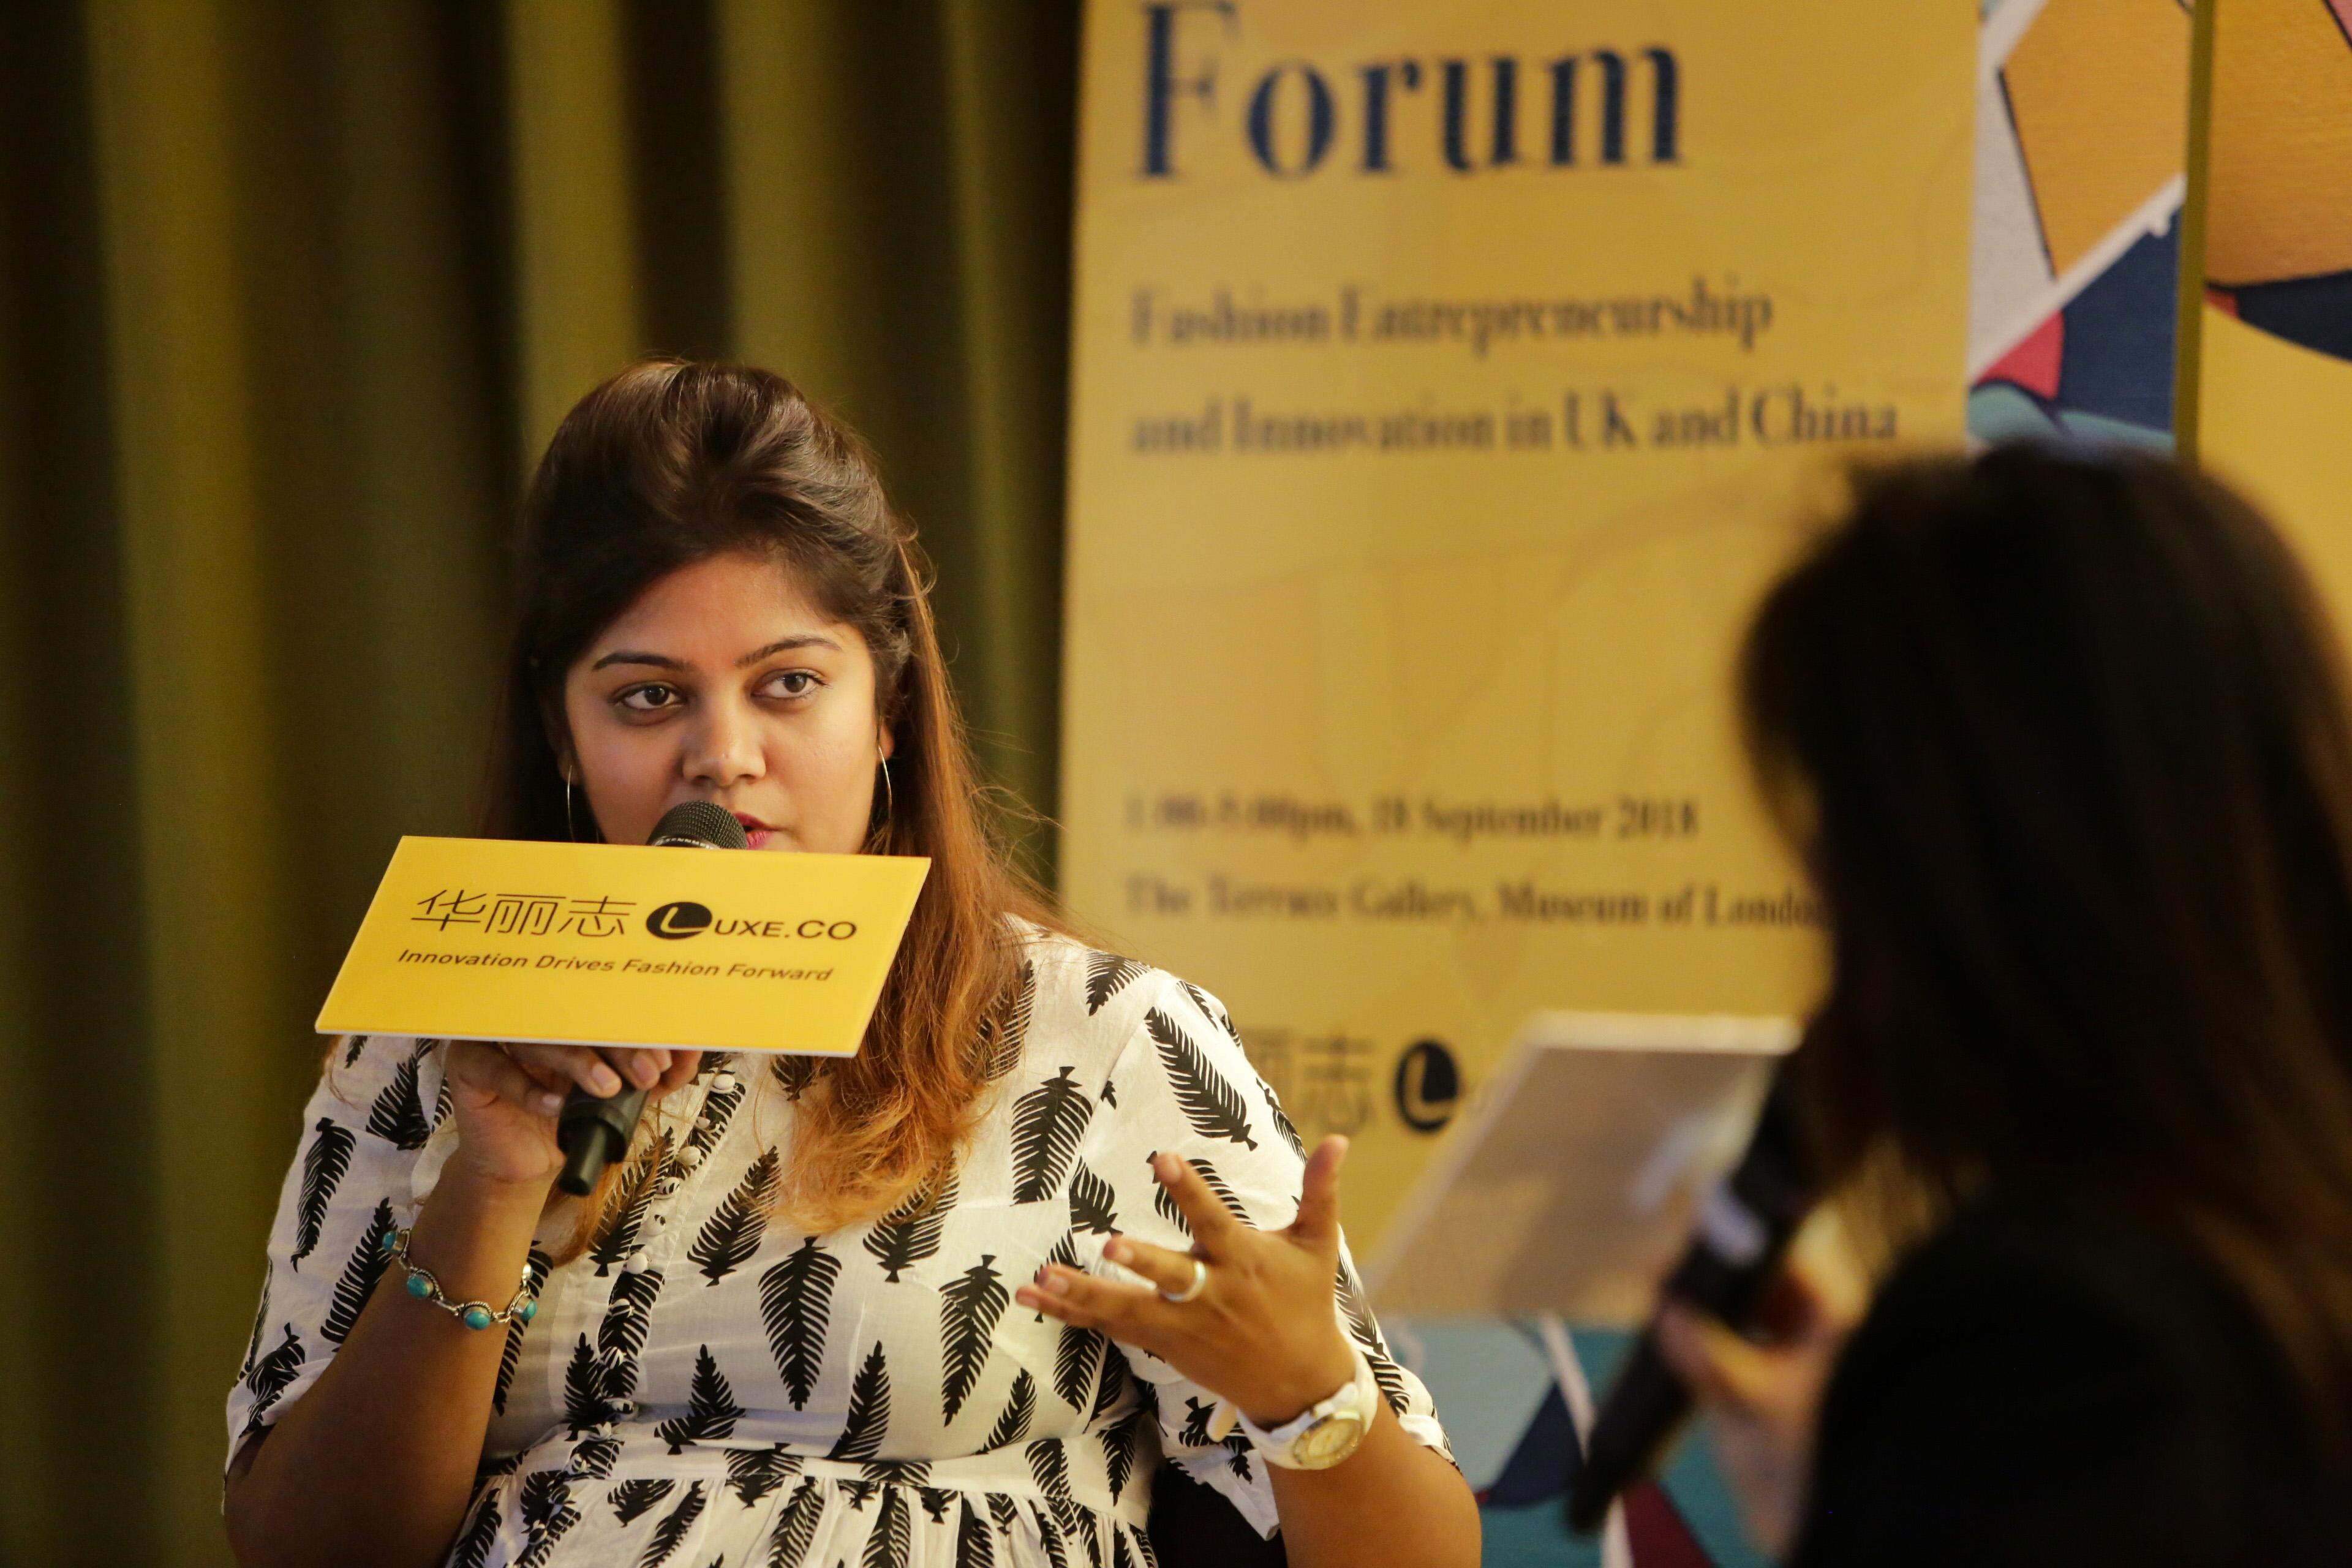 华丽志伦敦论坛|对话伦敦时尚商业孵化器 CFE 项目主管 Ishwari Thopte